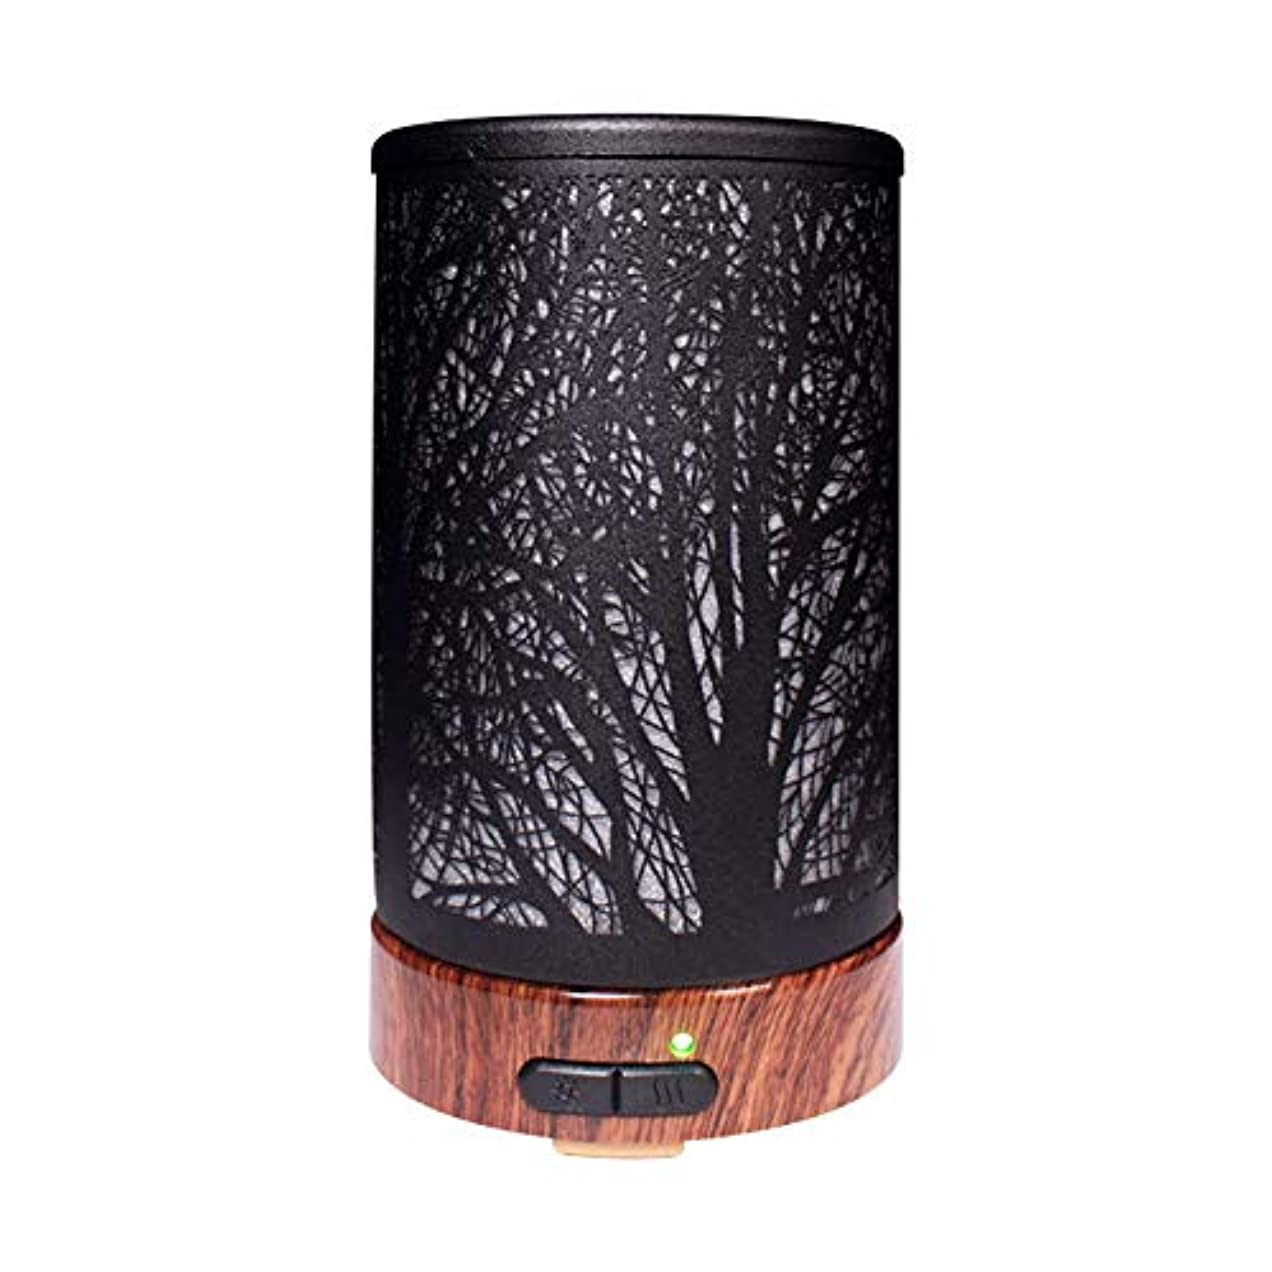 批判的引っ張るコミットメントエッセンシャルオイルディフューザーと加湿器、ミストエッセンシャルオイルアロマ加湿器用の超音波アロマディフューザー、7色LEDライト